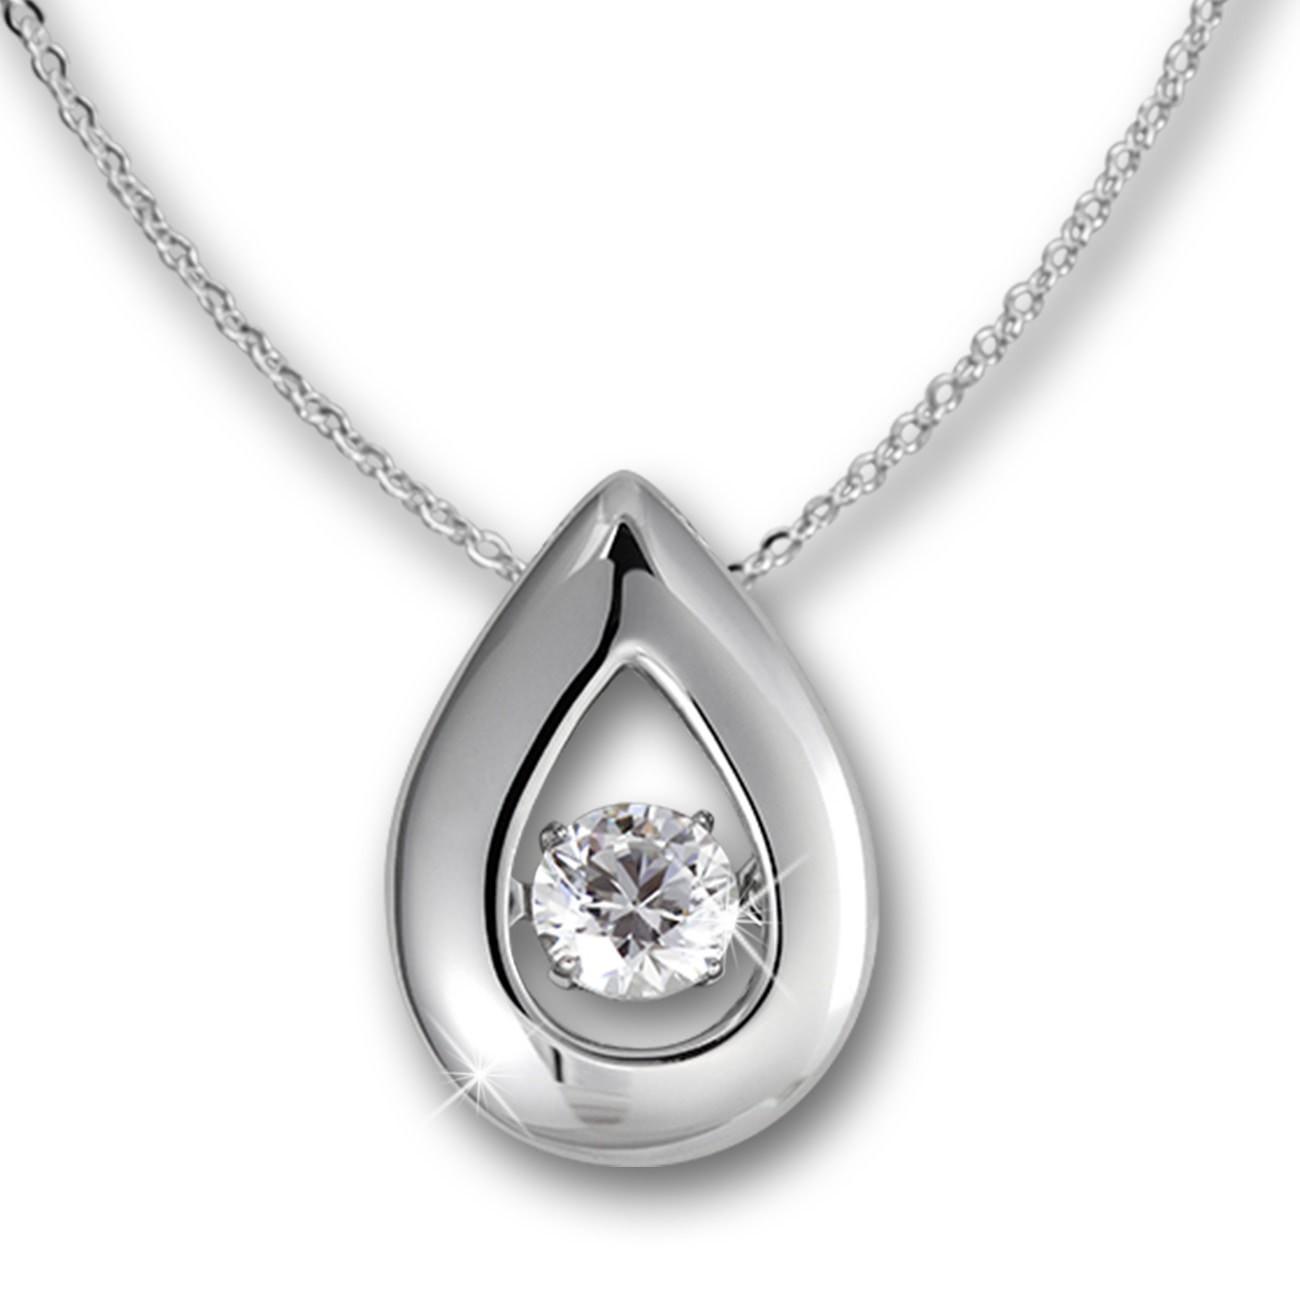 SilberDream Anhänger Tropfen Dancing Stone mit Kette Silber DSK101W